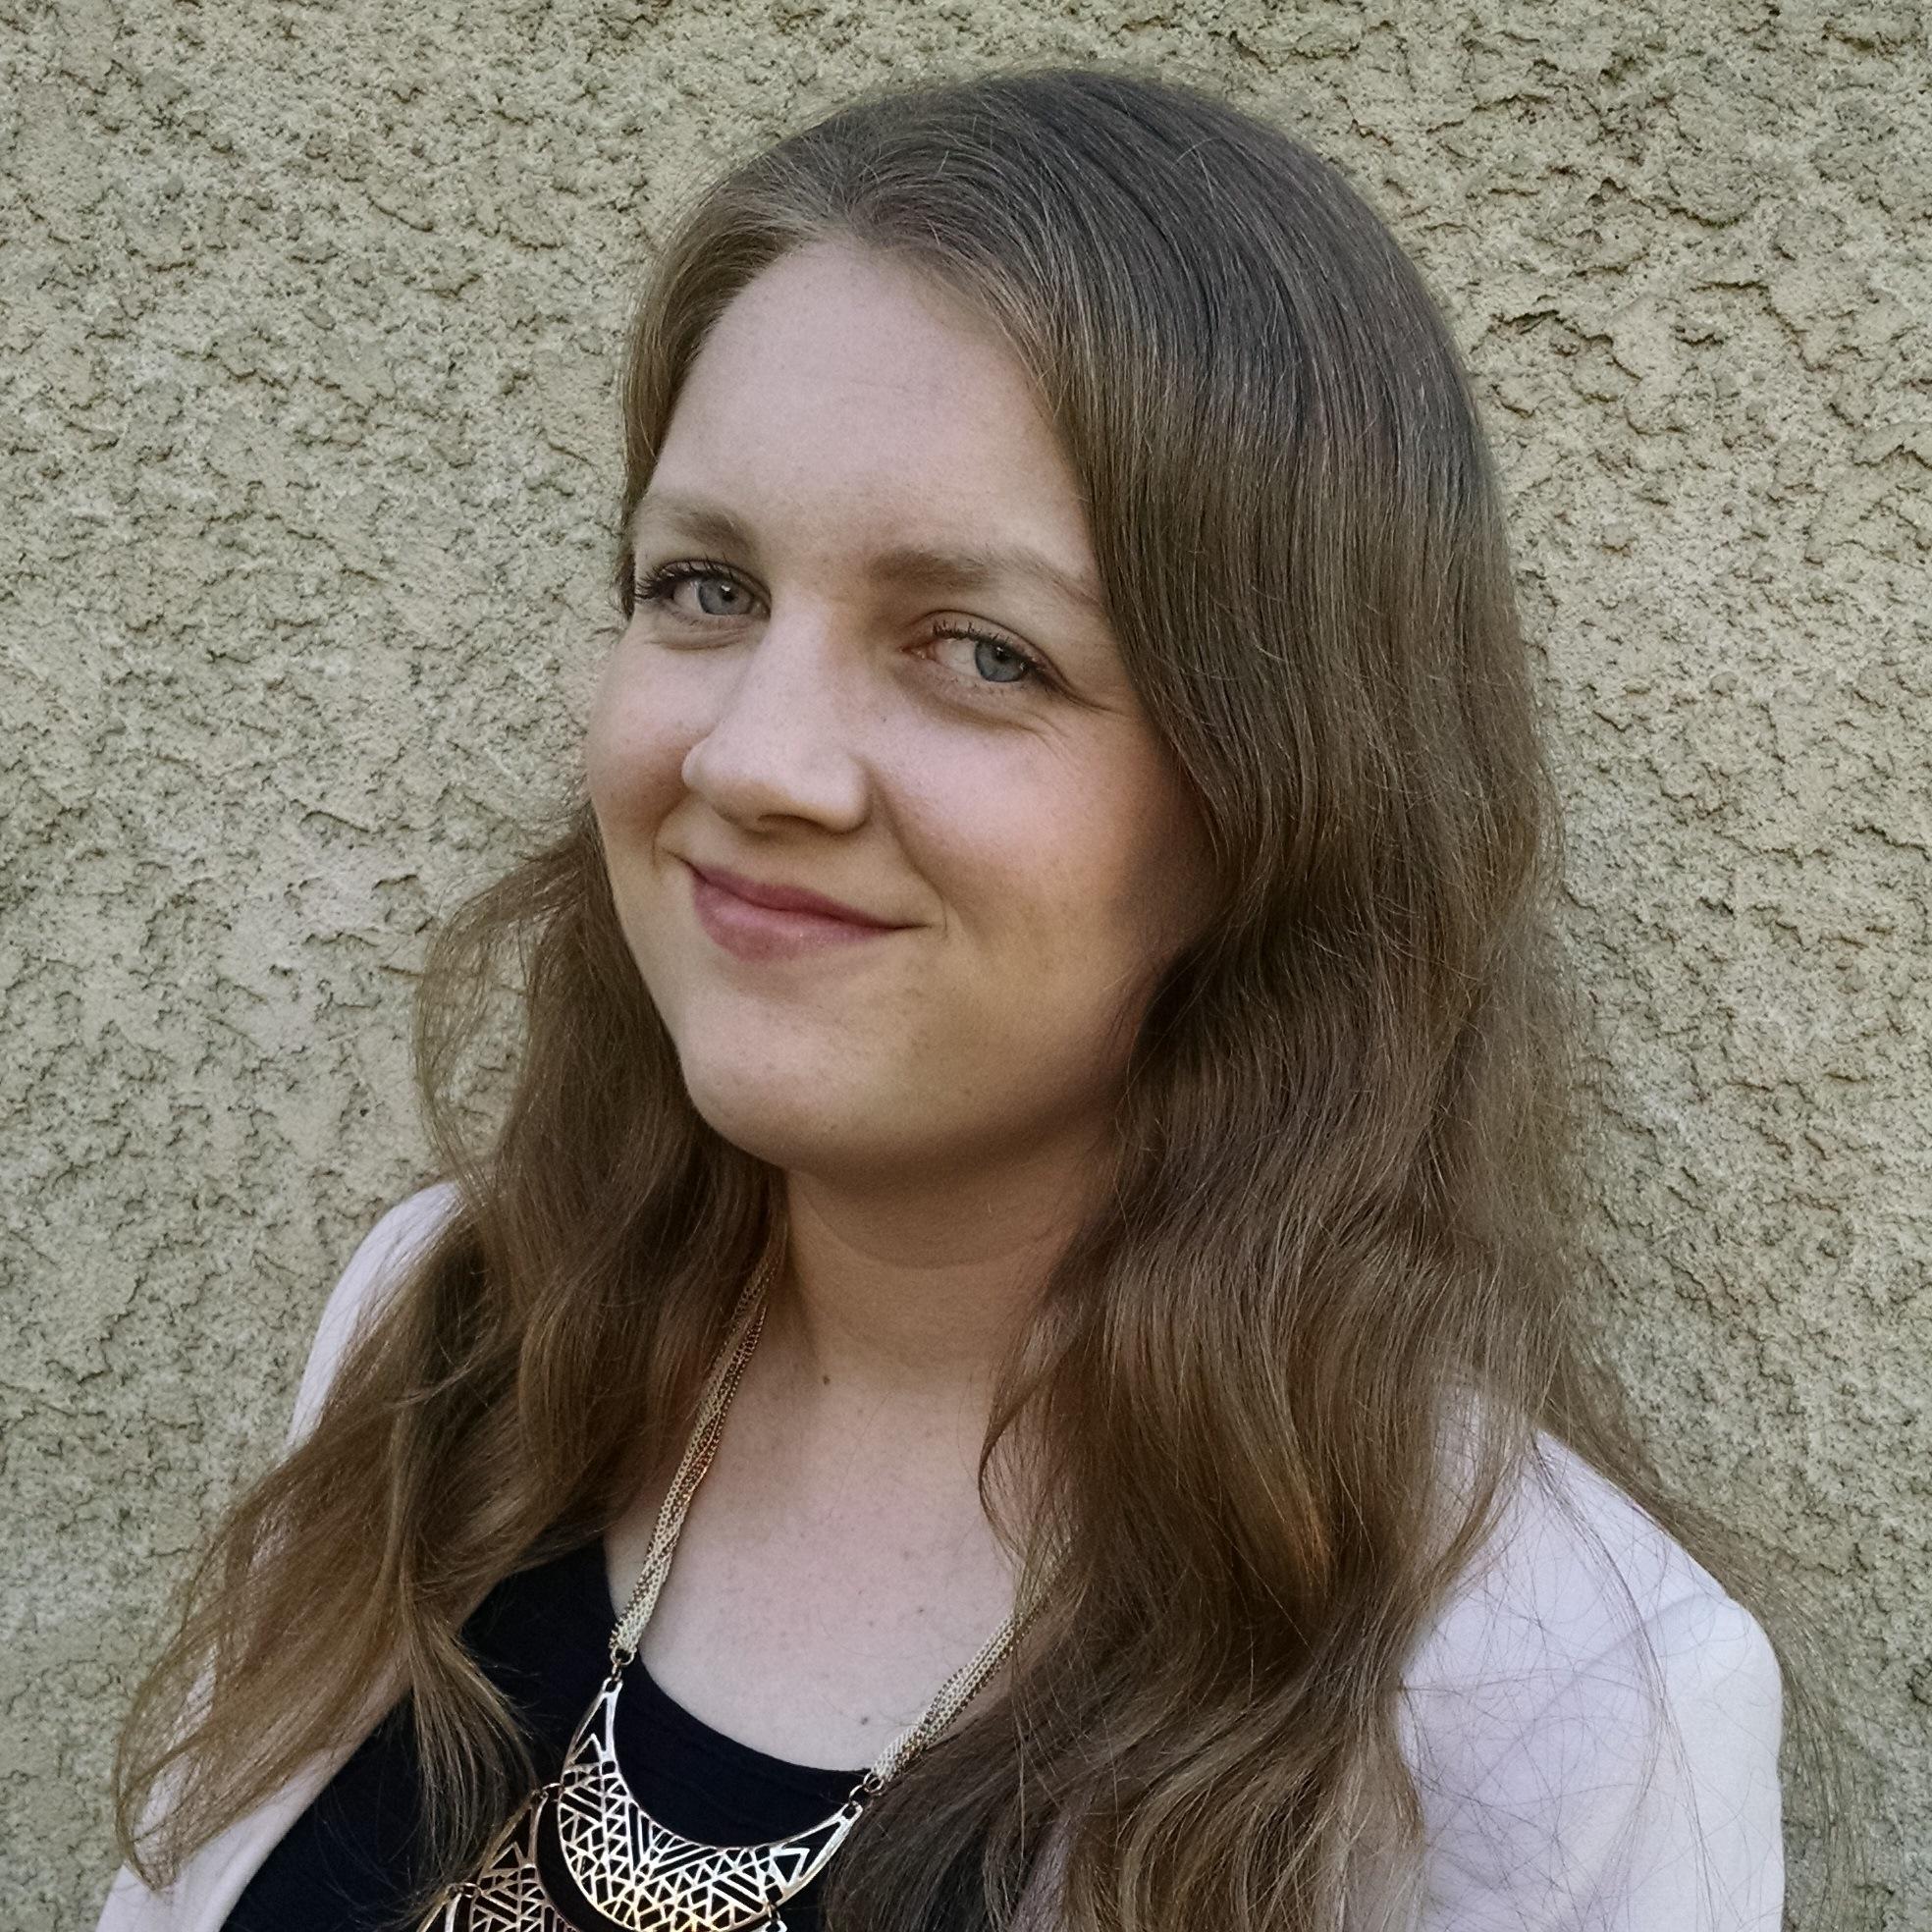 Emily Sedgwick, 2013